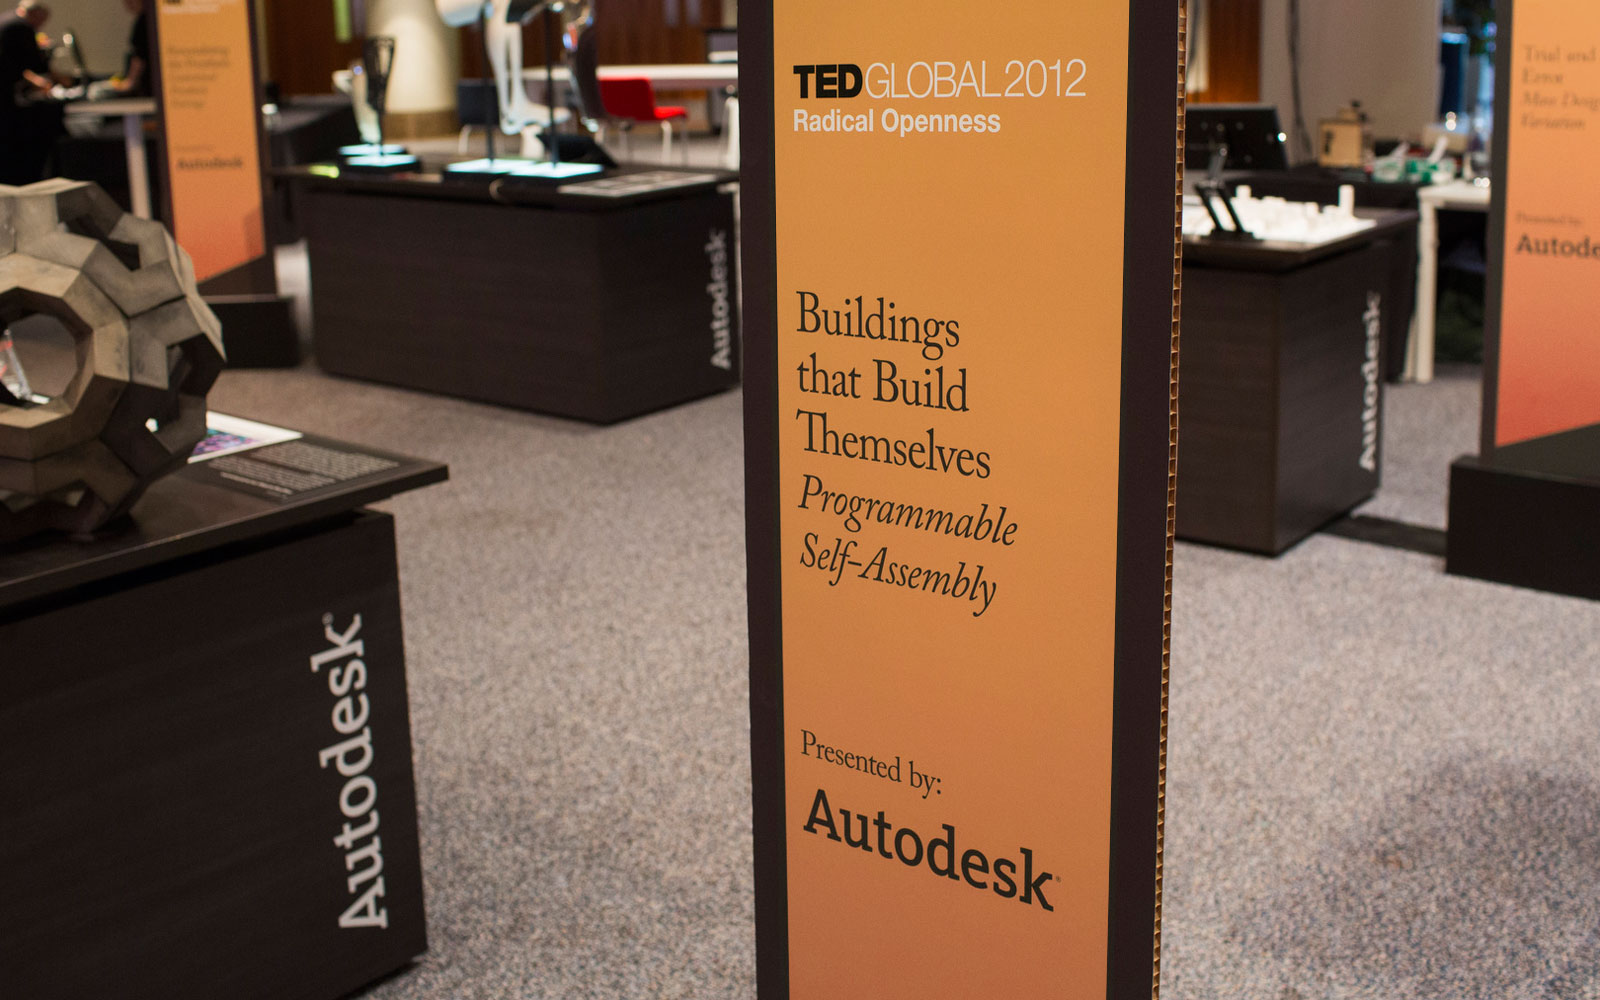 TEDGLOBAL201211